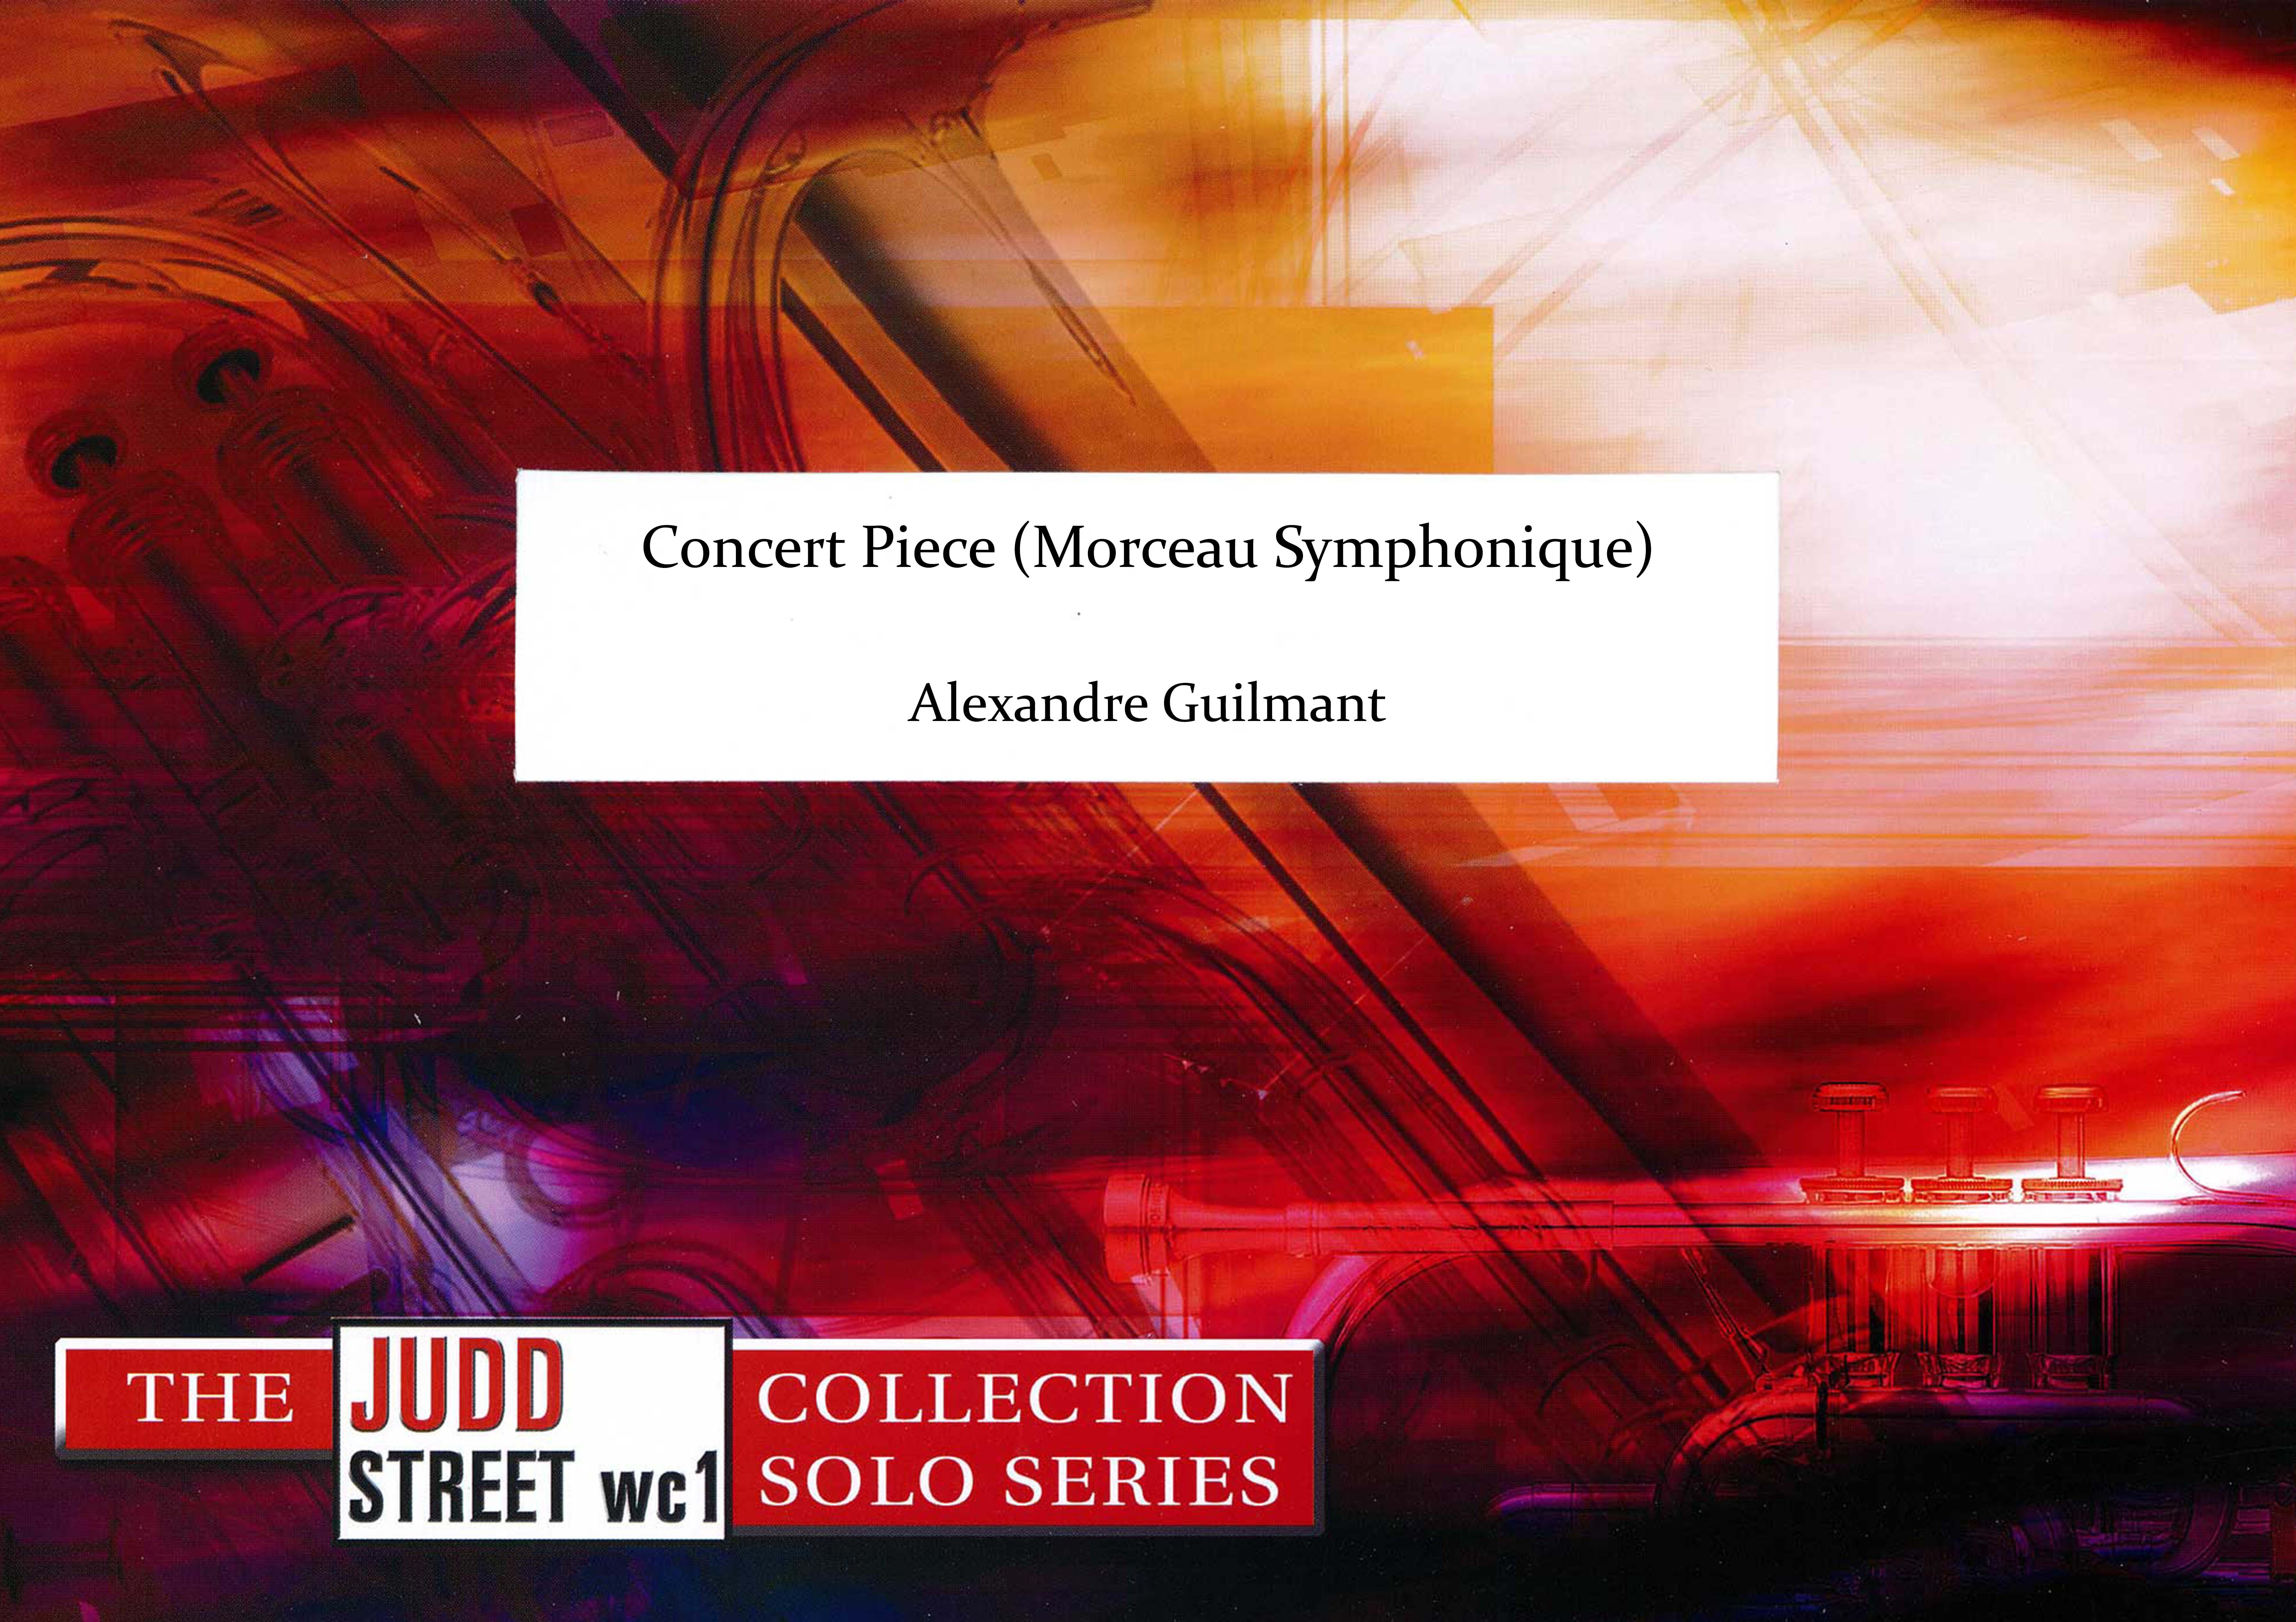 Concert Piece (Morceau Symphonique) (Trombone Solo with Brass Band - Score and Parts)